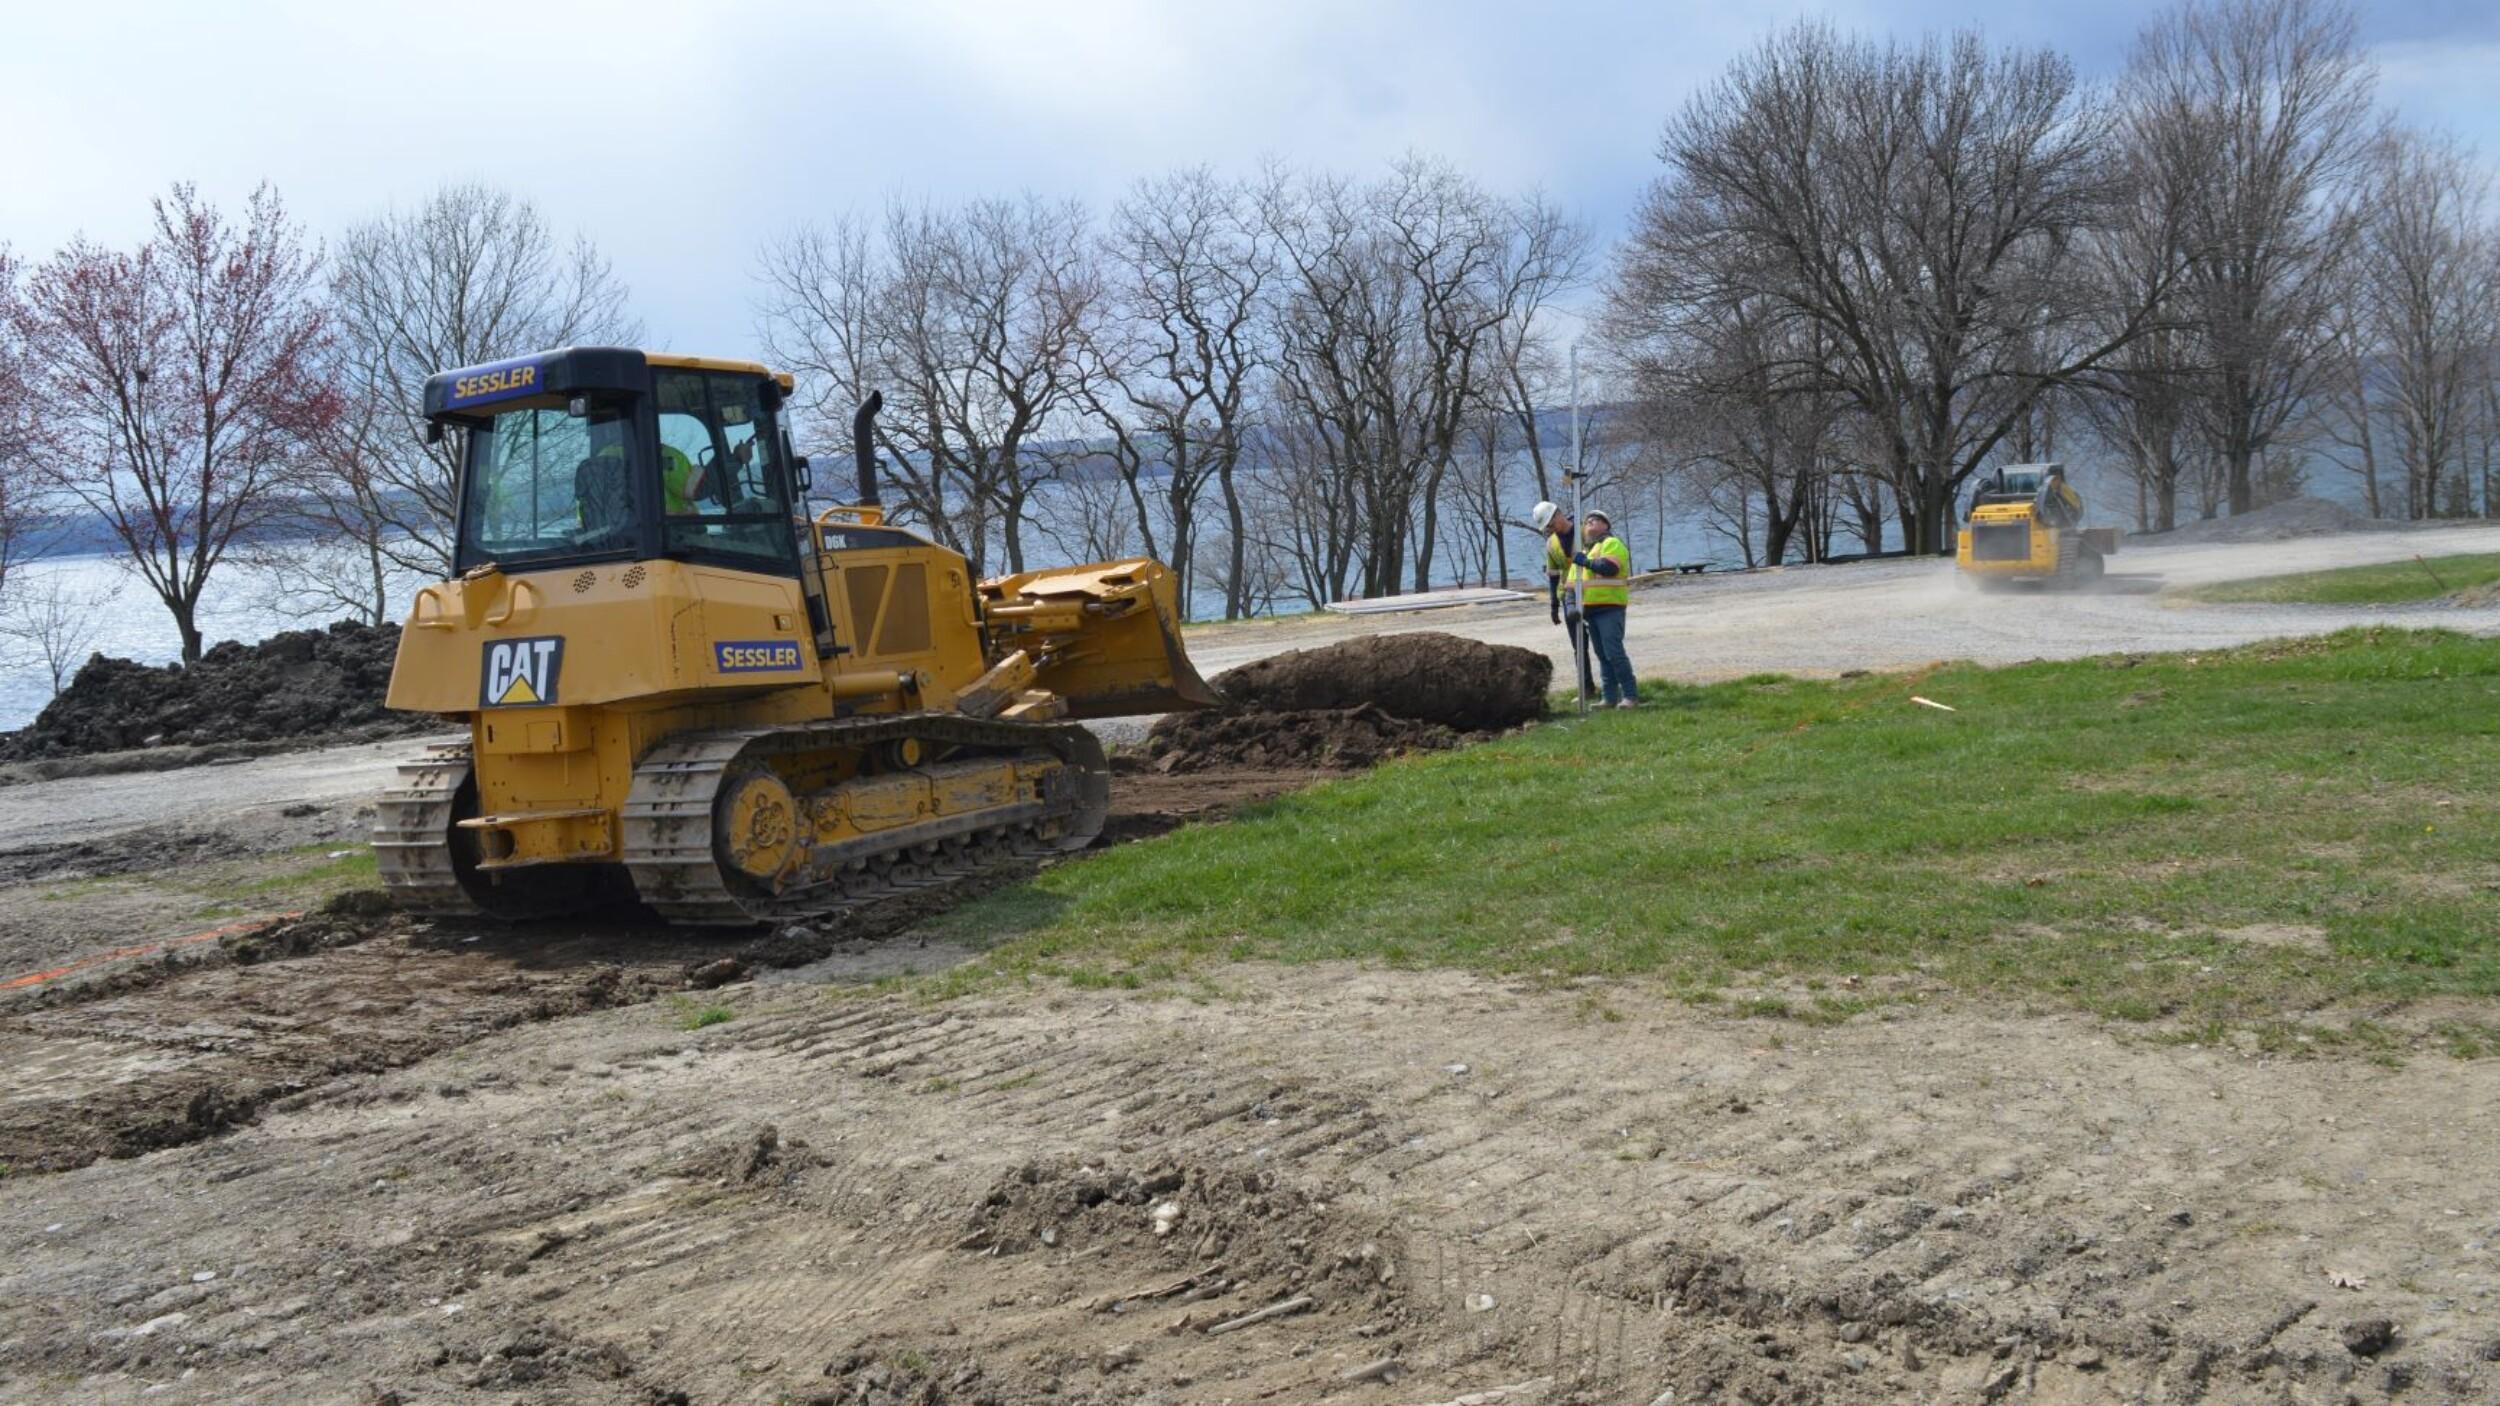 Leveling ground with bulldozer